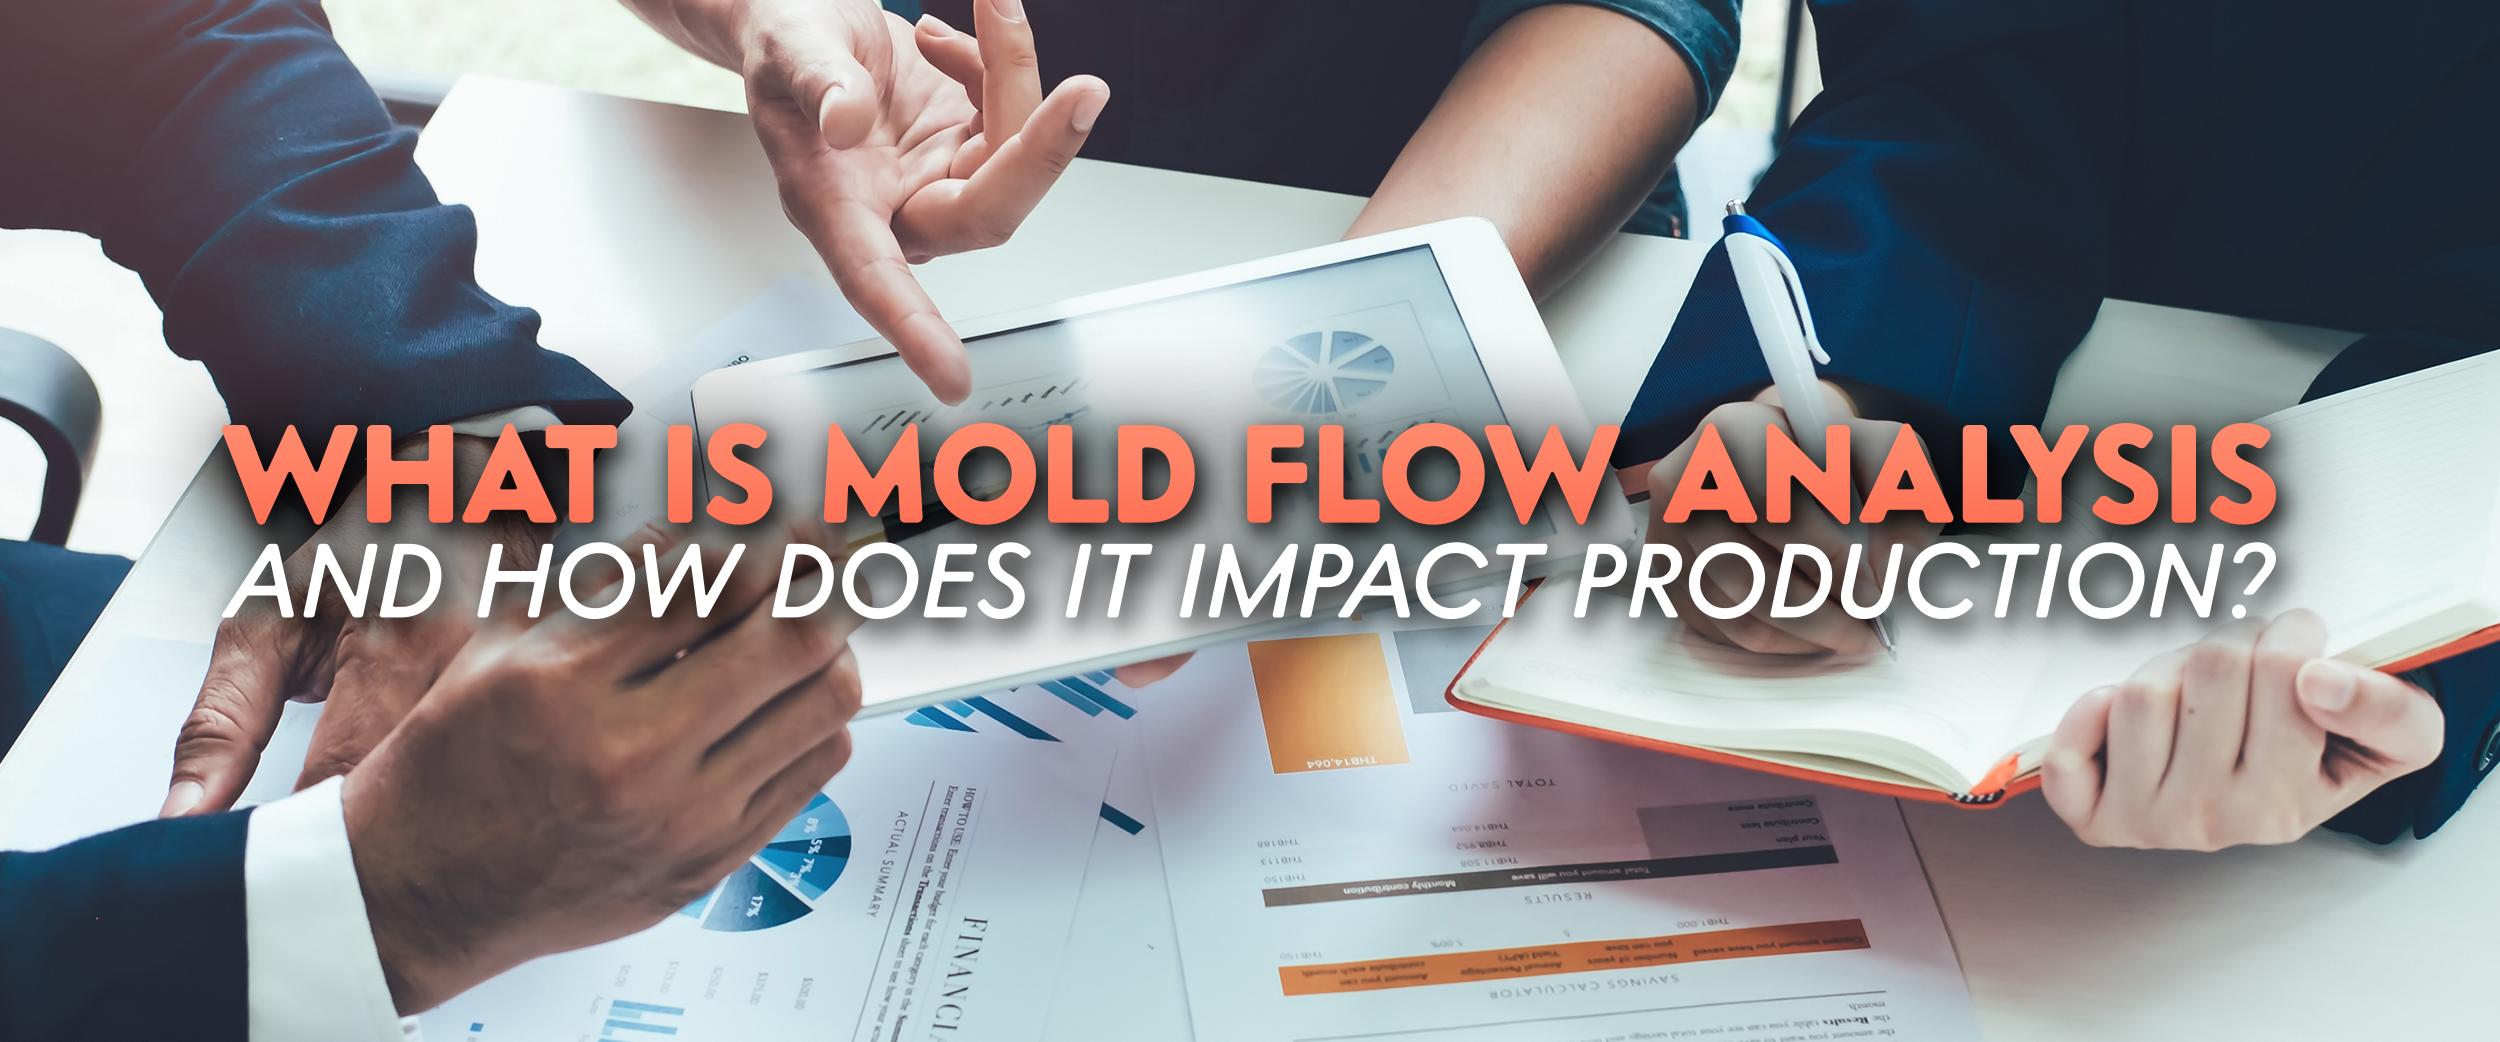 Moldflow3 c standard